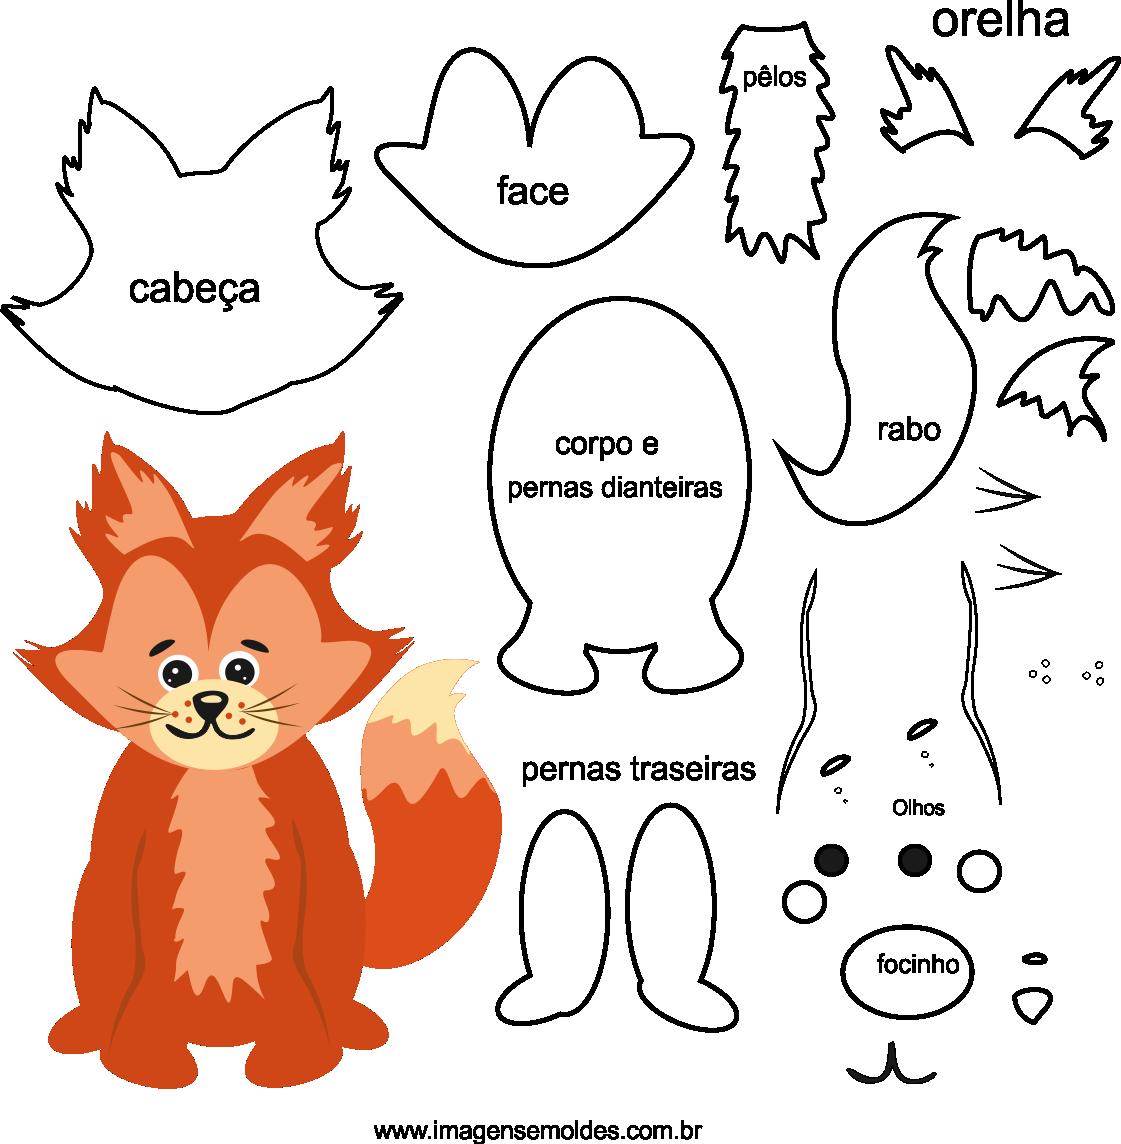 Molde de animal, raposa1 para eva, feltro e artesanato, fox mold, molde de zorro, Fuchs Schimmel